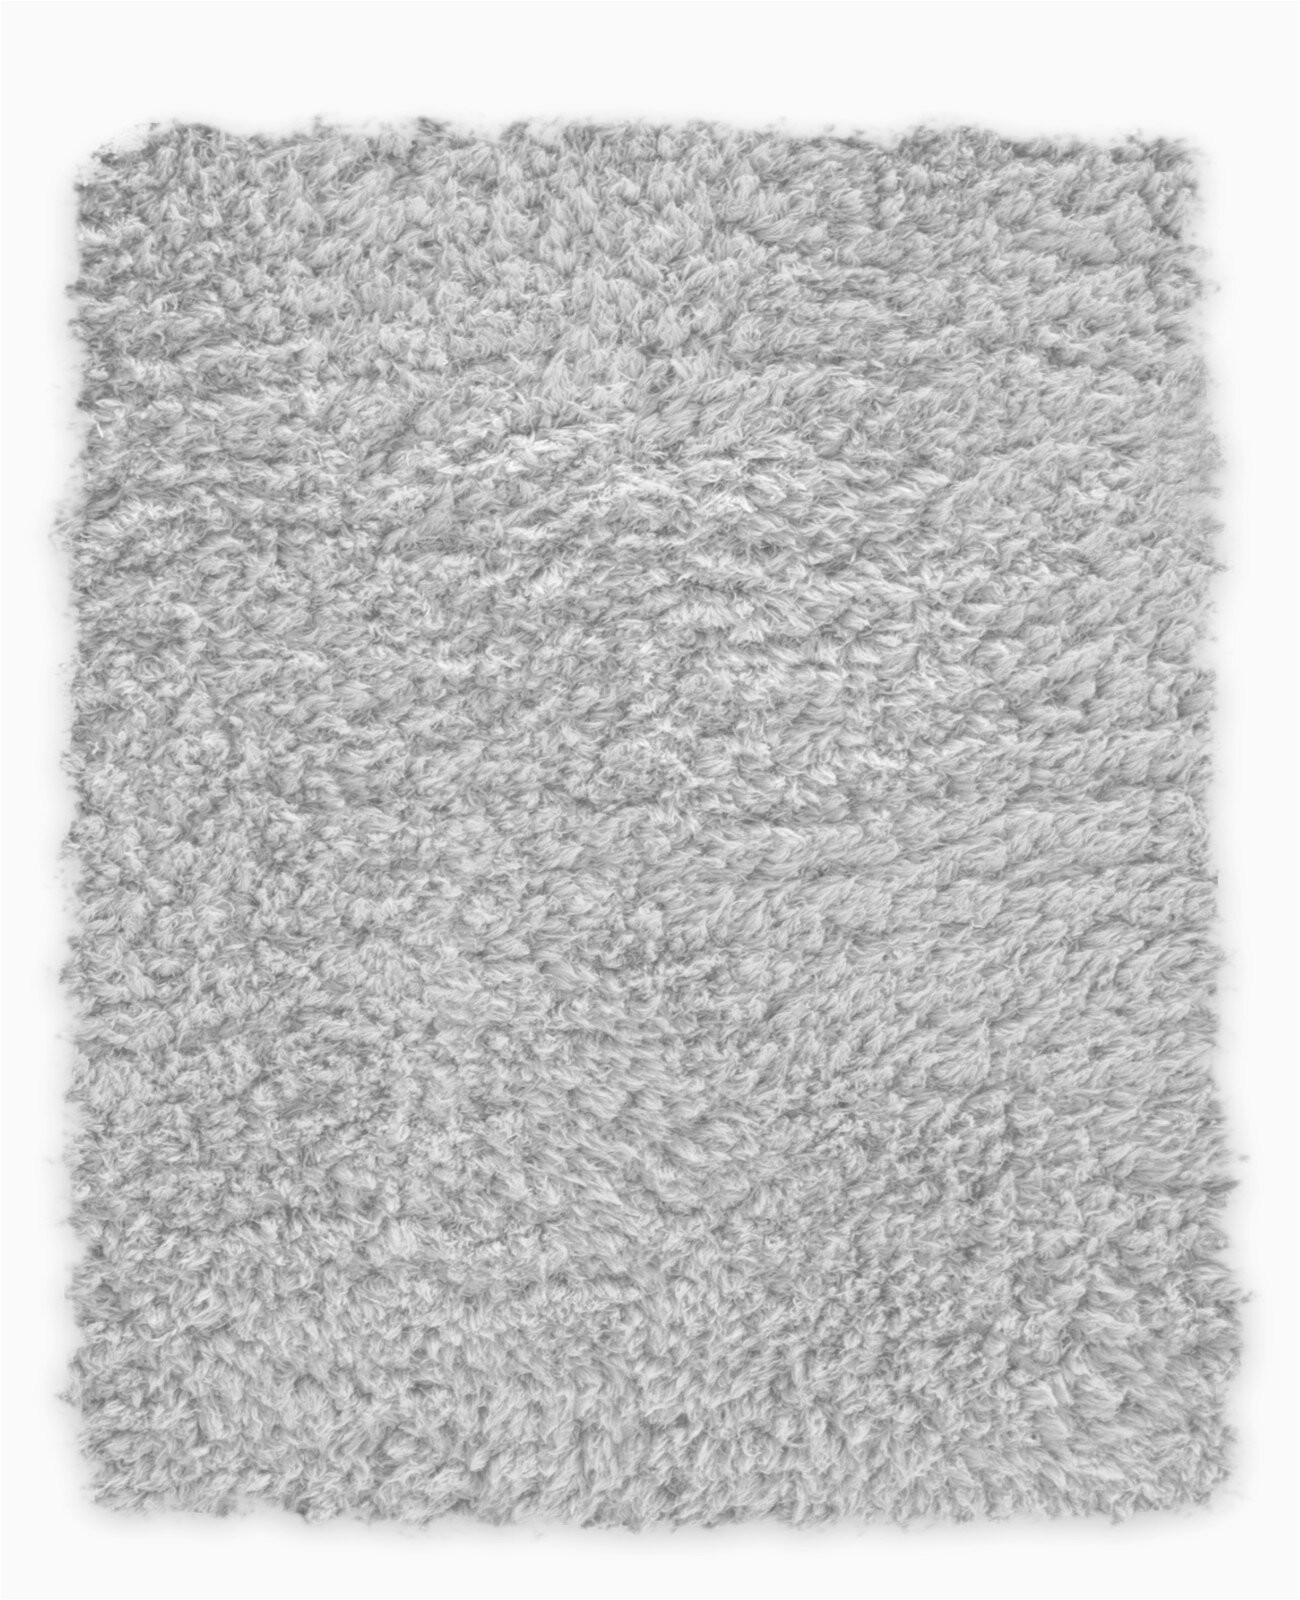 earlscourt waterproof memory foam bath rug